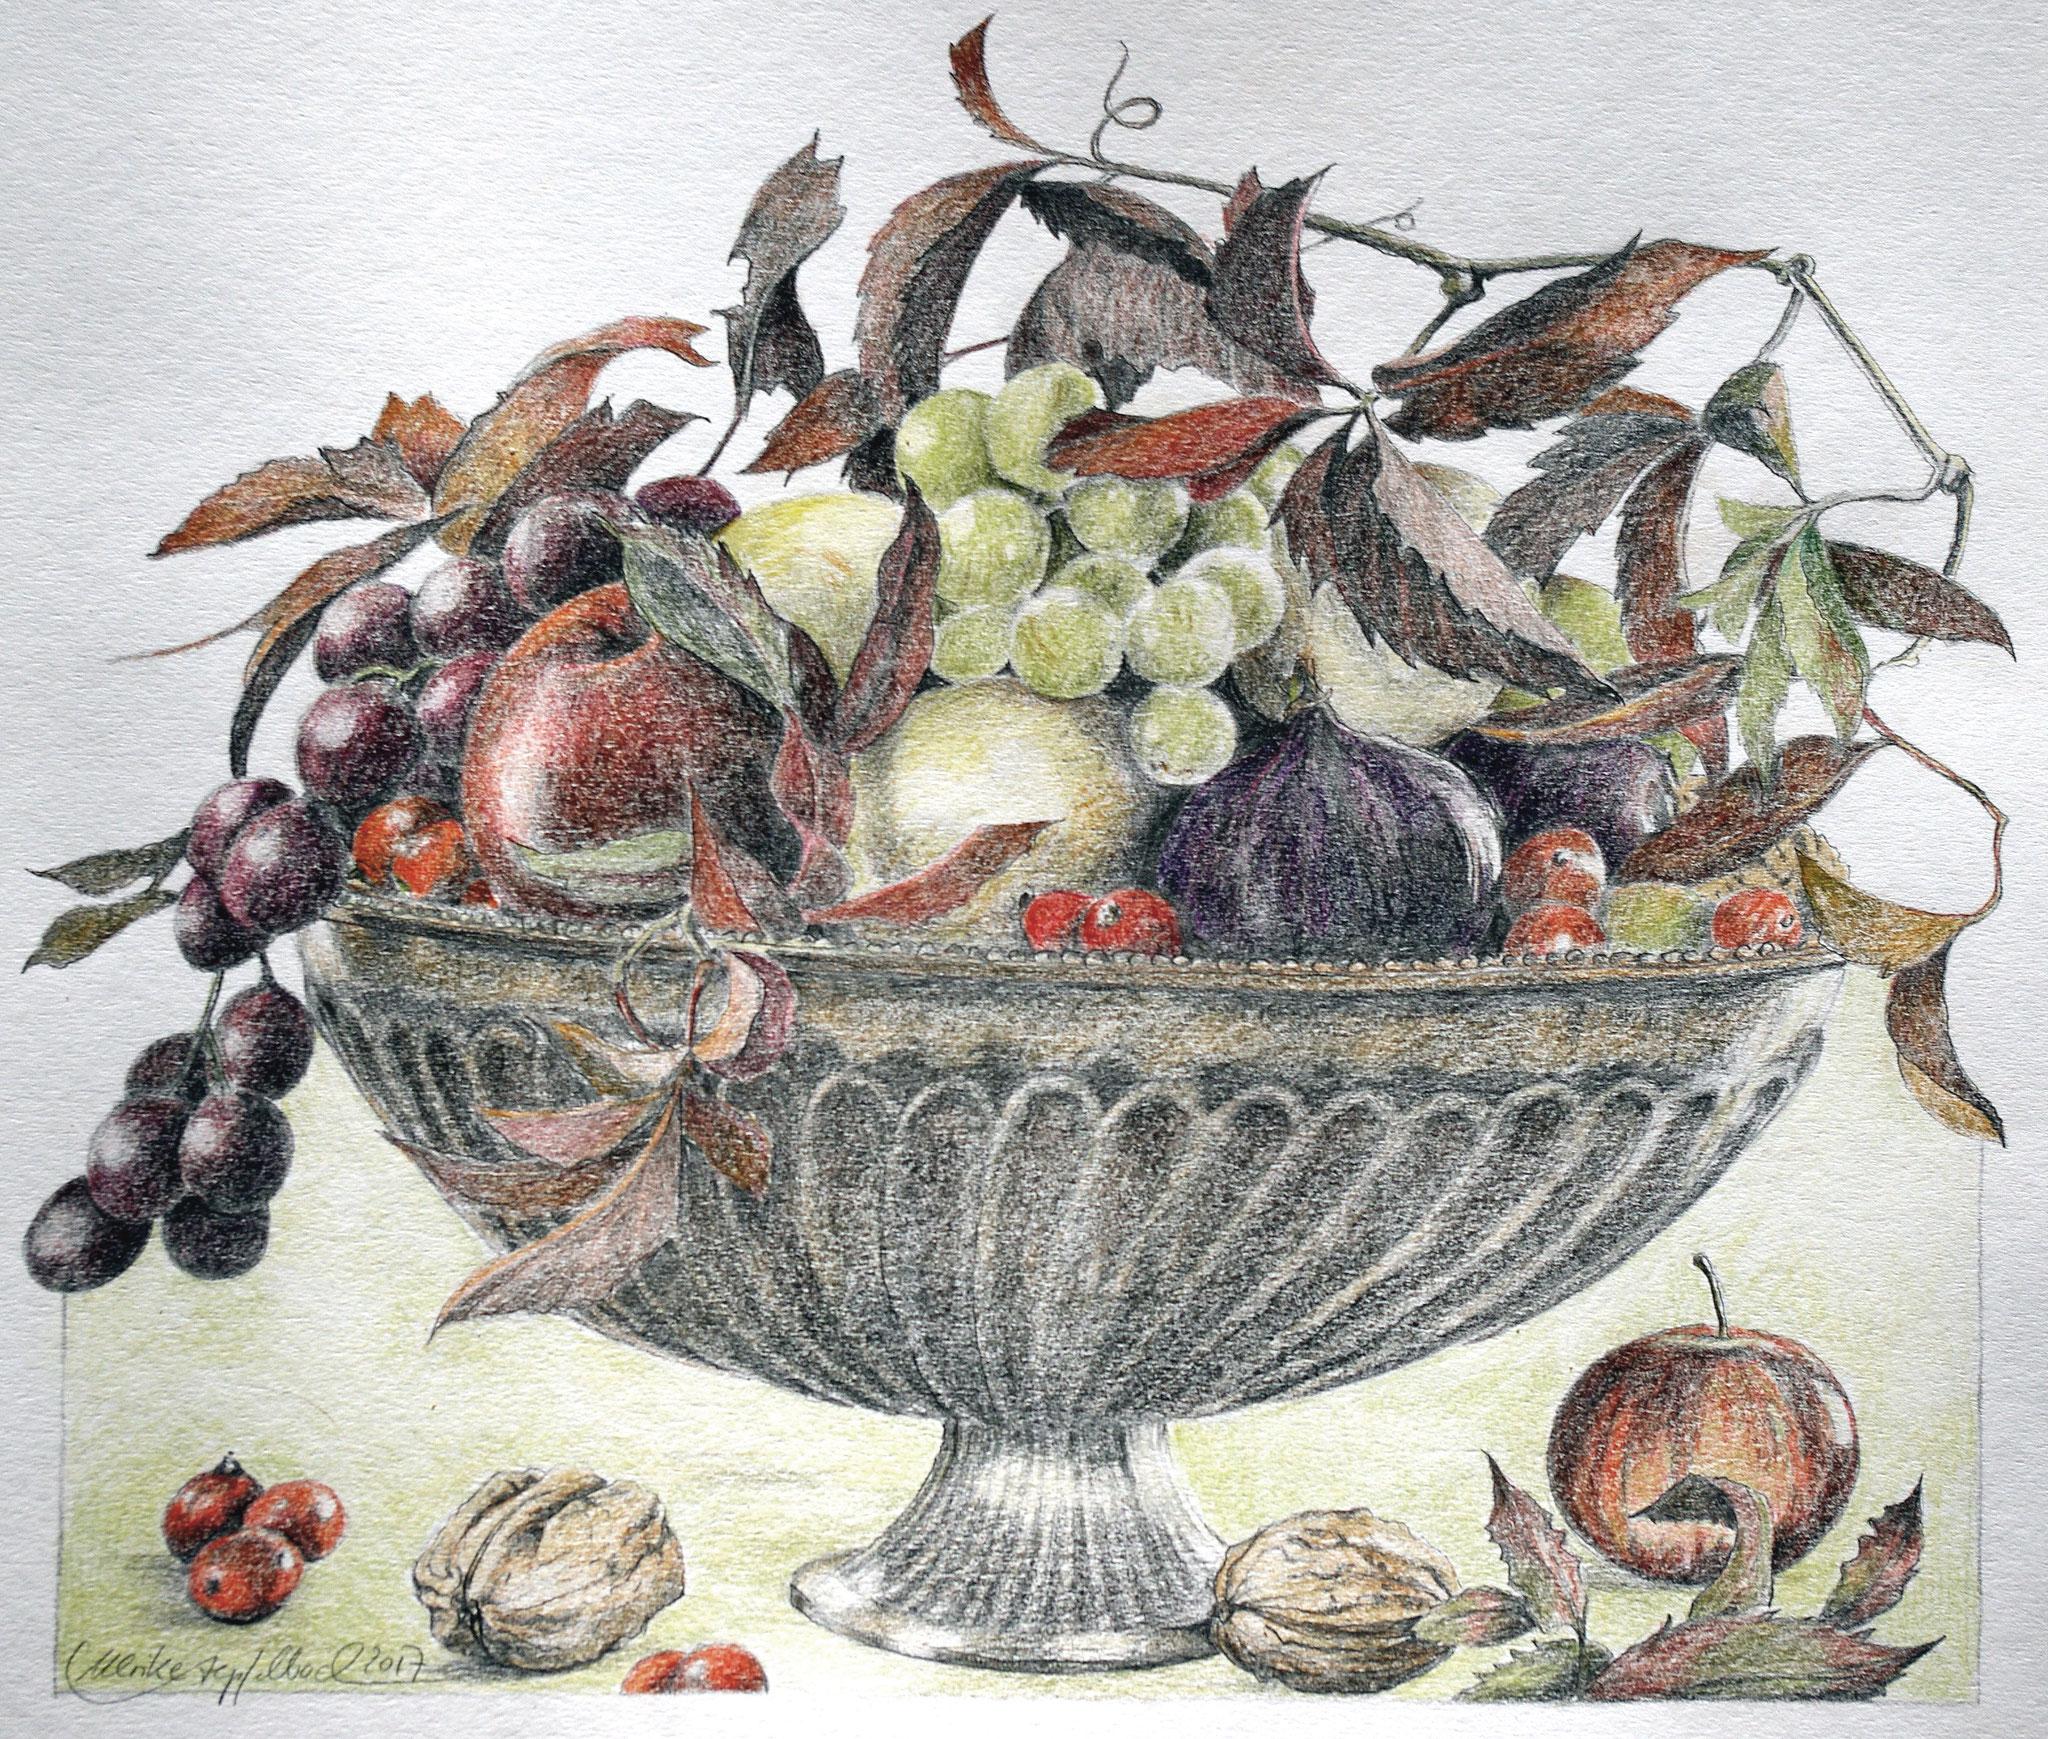 Schale mit früchten / Blei-und Farbstift / 40 x 50 cm